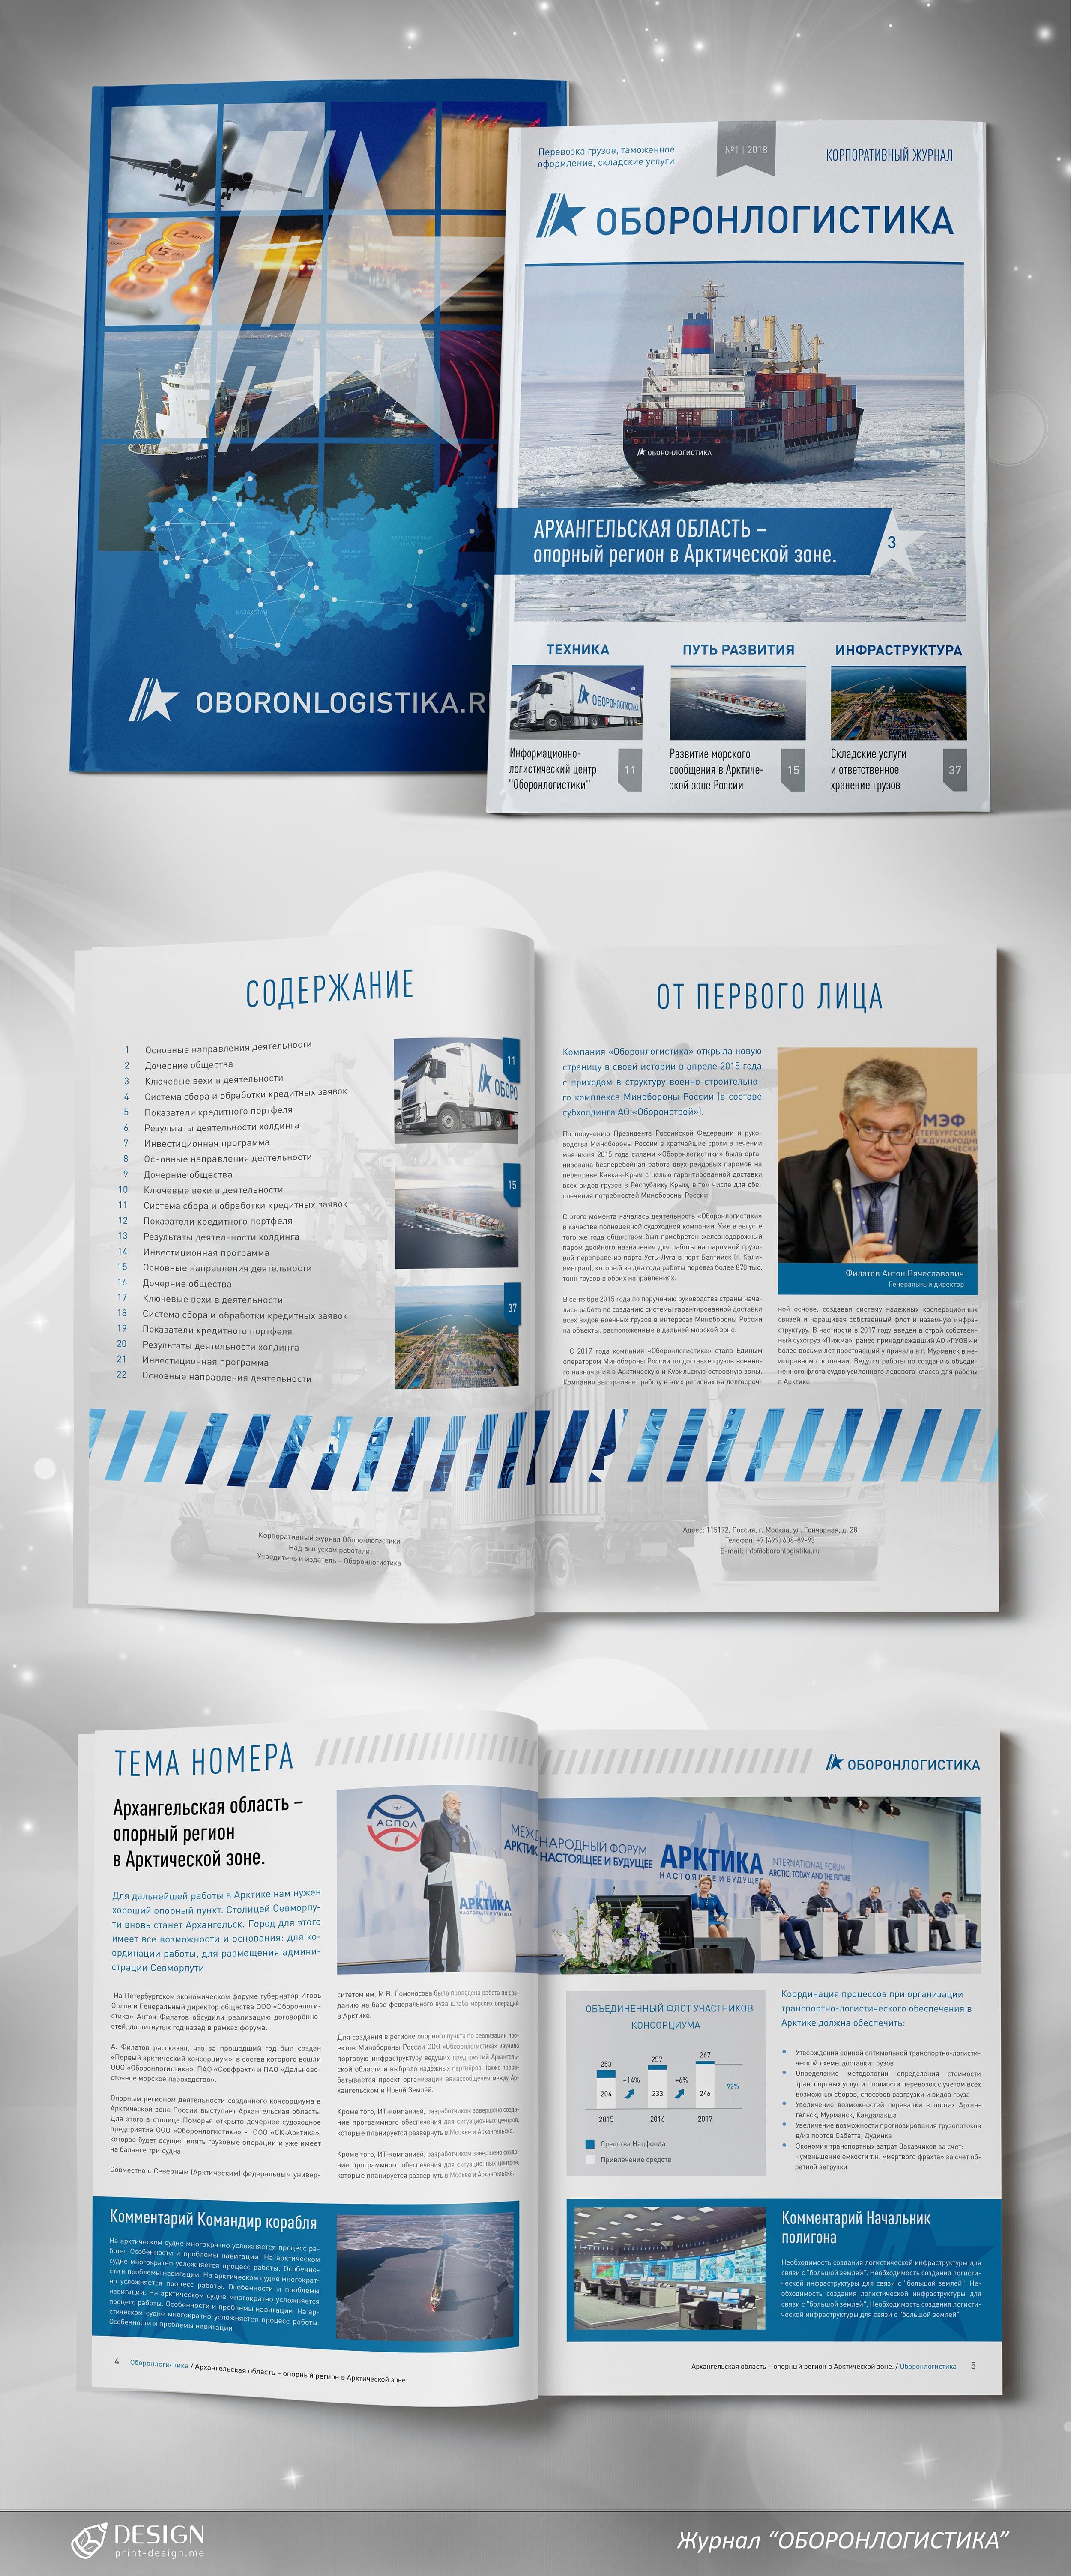 Разработка дизайна издания и создание шаблона для верстки фото f_7745aa4384f44c25.jpg